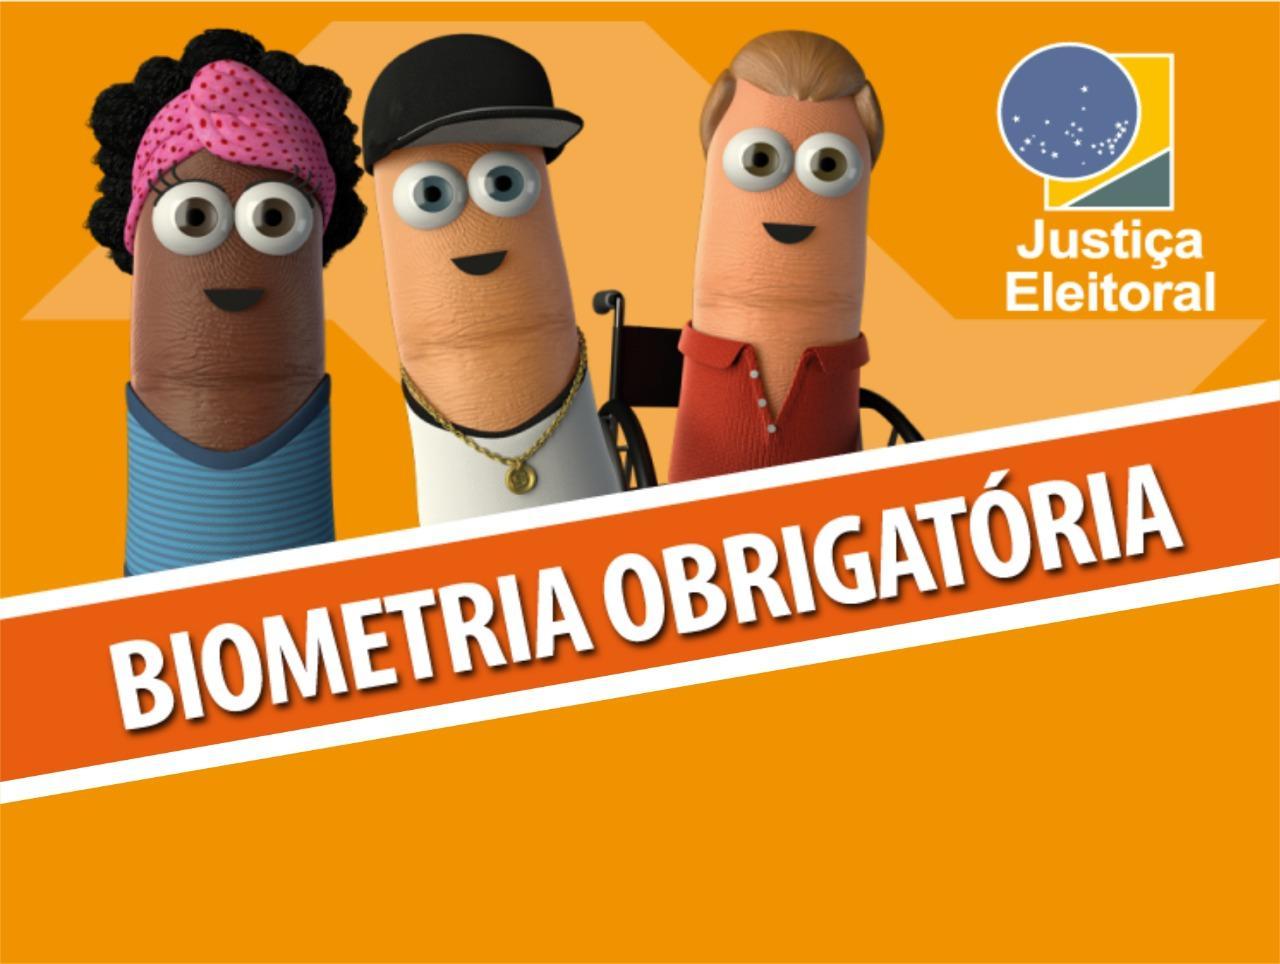 Biometria agora é obrigatória para eleitores de Capivari